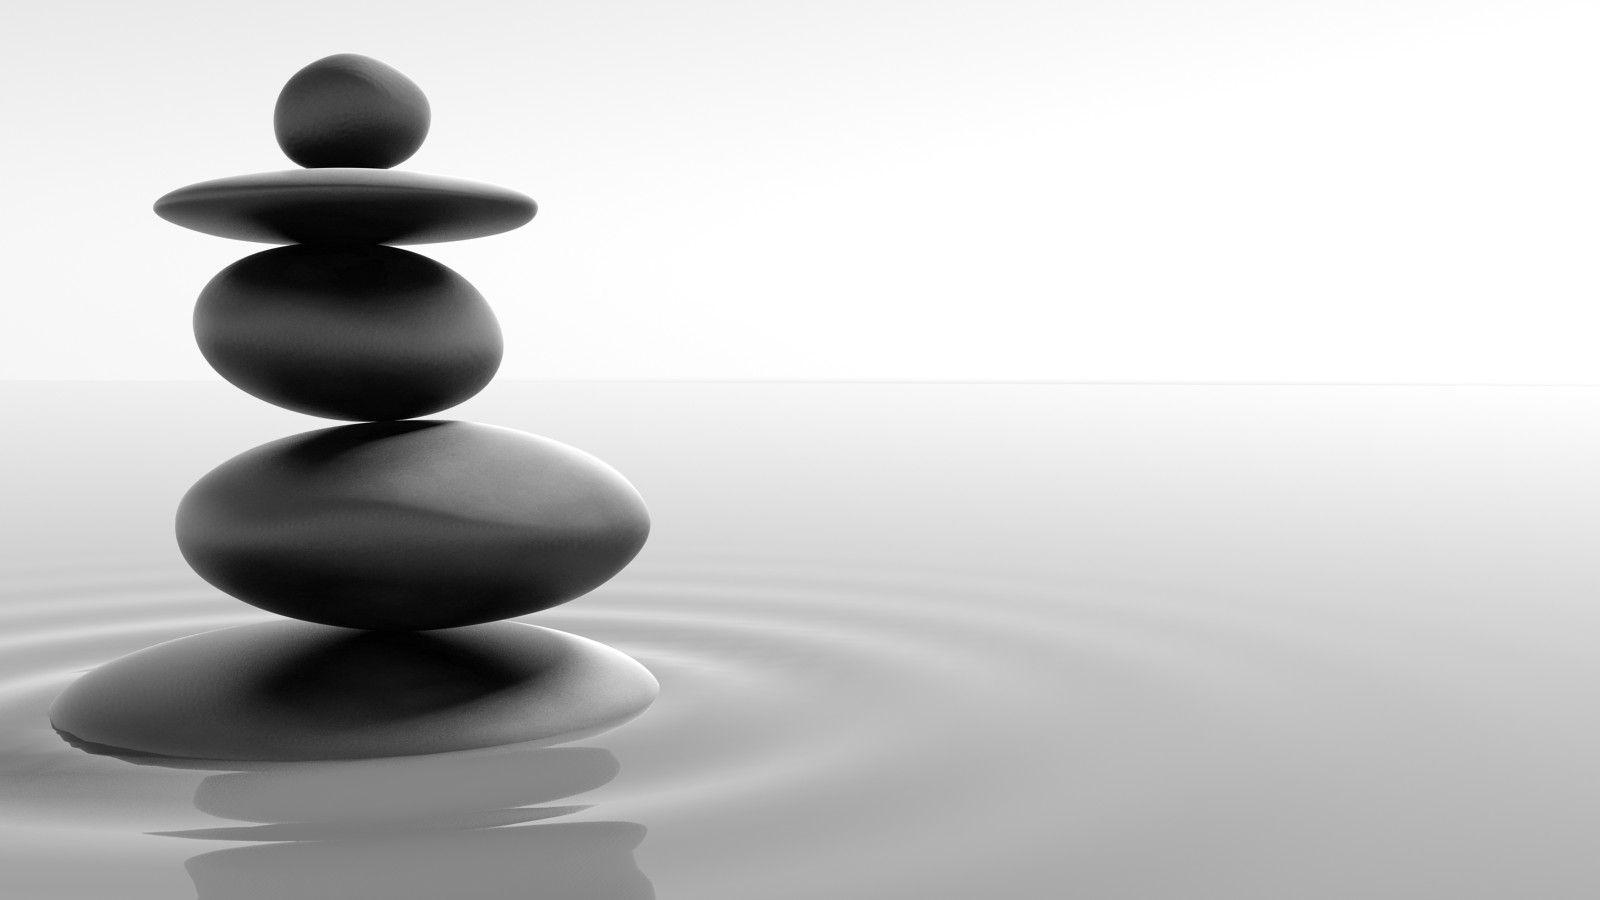 Pin by ingrid hernandez on inspiration pinterest for Zen simple living